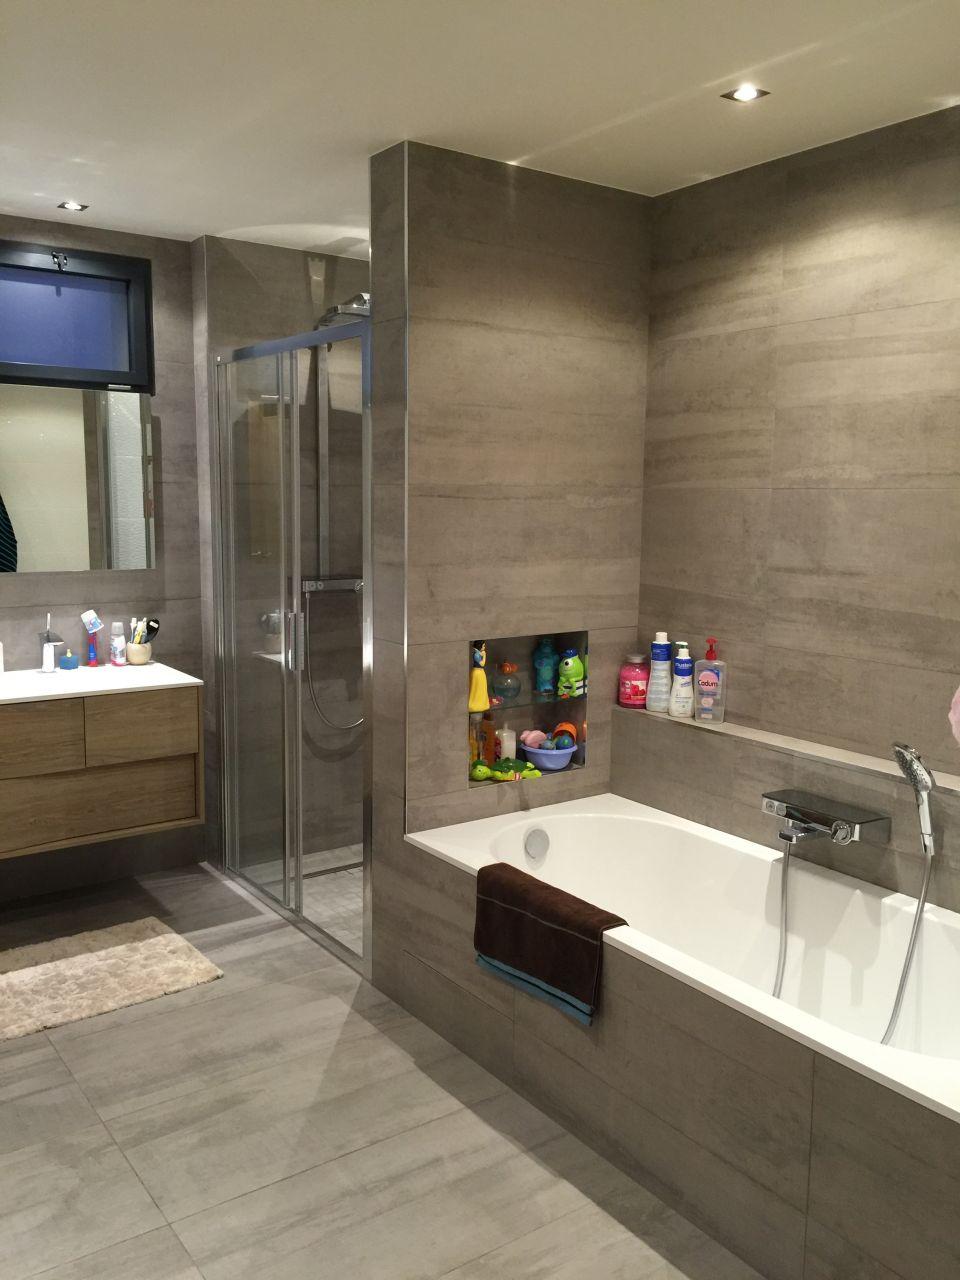 la cuisine de titia62 10 autres photos les photos de la semaine. Black Bedroom Furniture Sets. Home Design Ideas